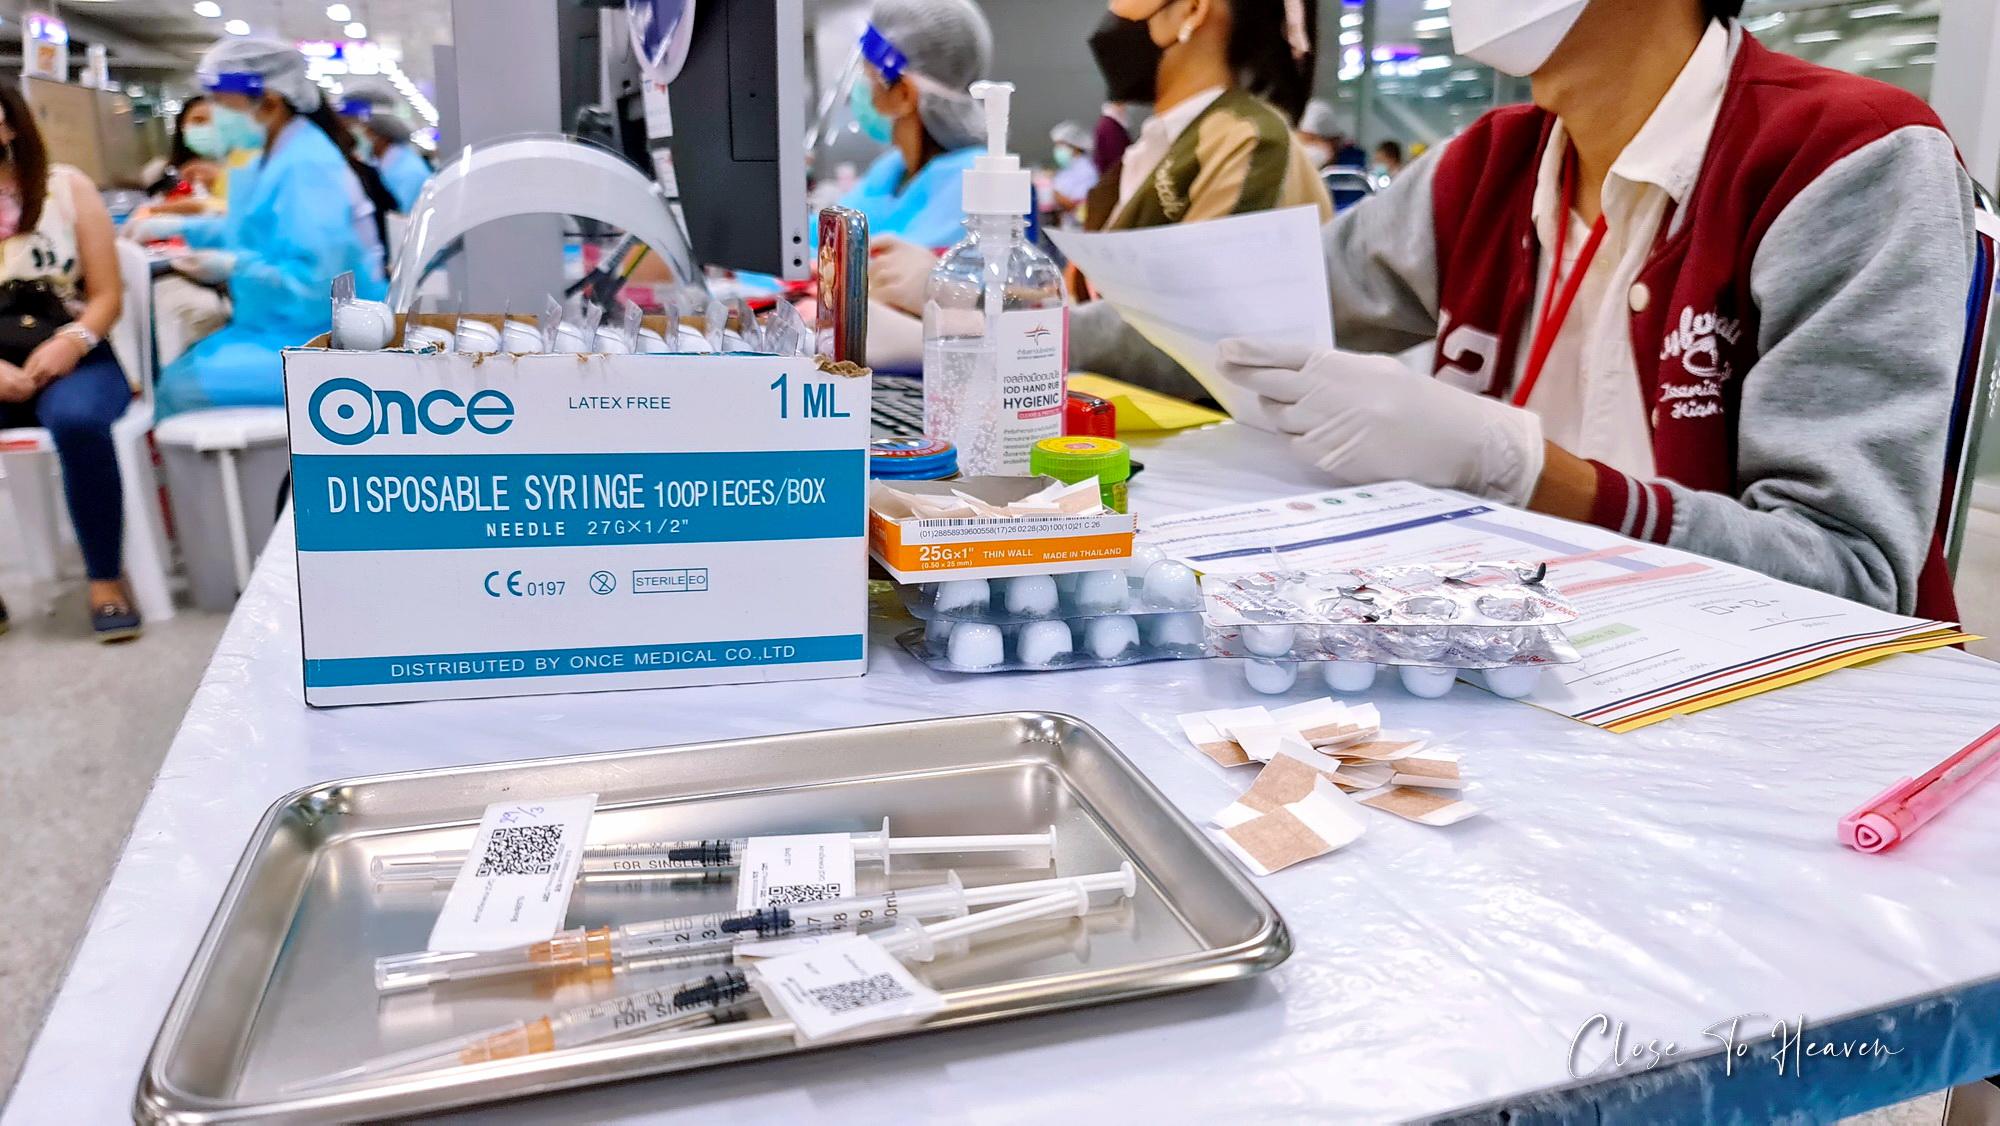 รีวิว ฉีดวัคซีนโควิด AZ เข็มแรก สถานีกลางบางซื่อ